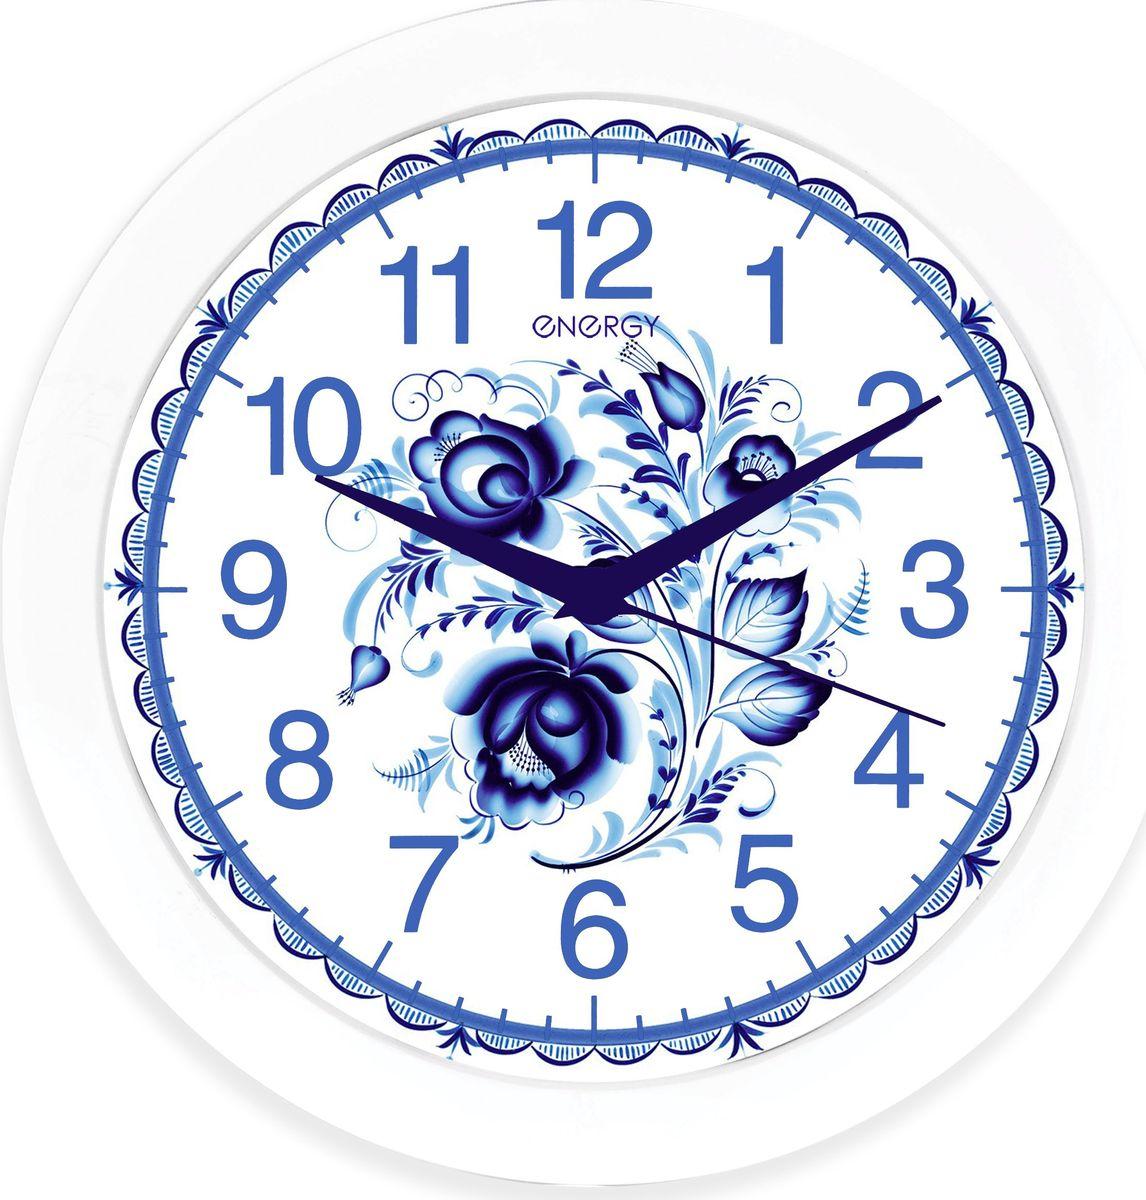 Energy ЕС-102 настенные часыЕС-102Настенные кварцевые часы с плавным ходом Energy ЕС-102 имеют оригинальный яркий дизайн и поэтому подойдутдля вашего дома или офиса, декорированного в подобном стиле. Крупные цифры синего цвета отличноразличимы даже в условиях плохого освещения. Питание осуществляется от 1 батарейки типа АА (в комплект невходит).Размер 27,5 см х 3,8 см